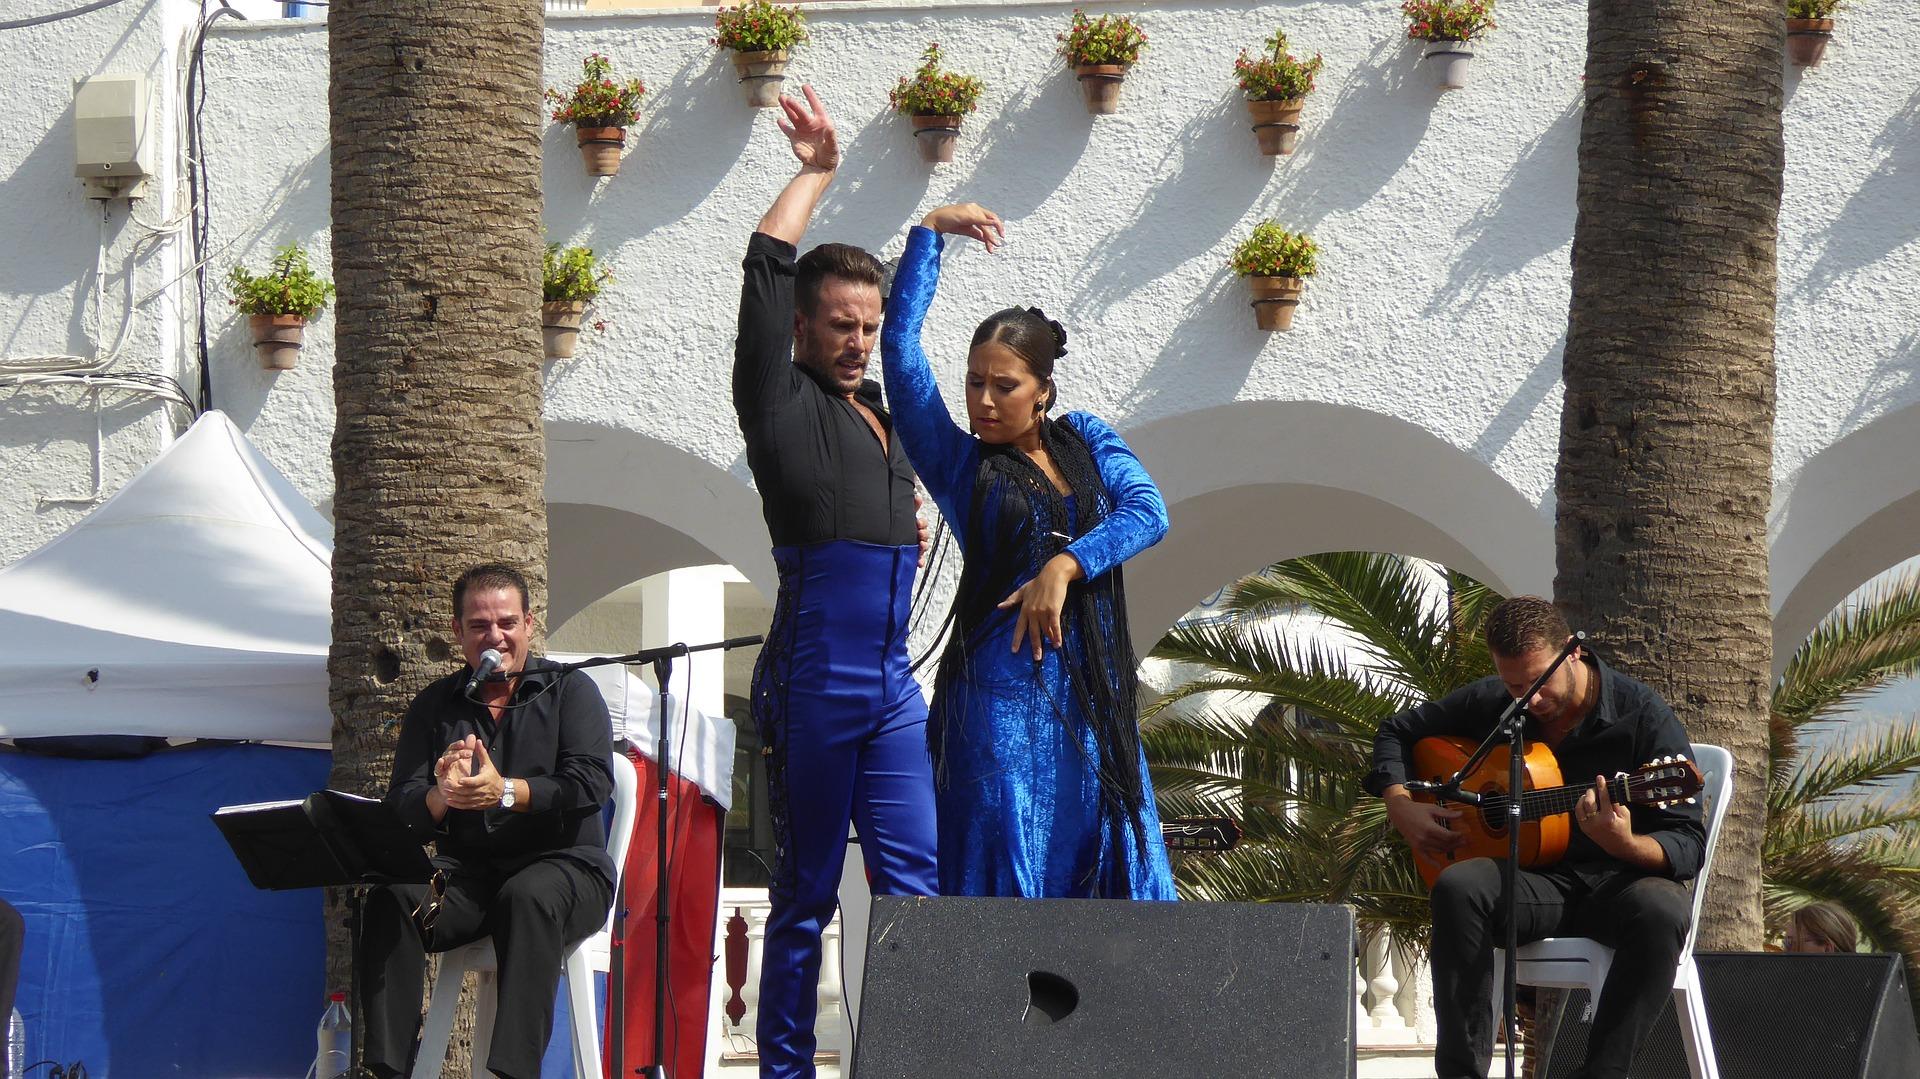 flamenco-1924139_1920.jpg?1567771652